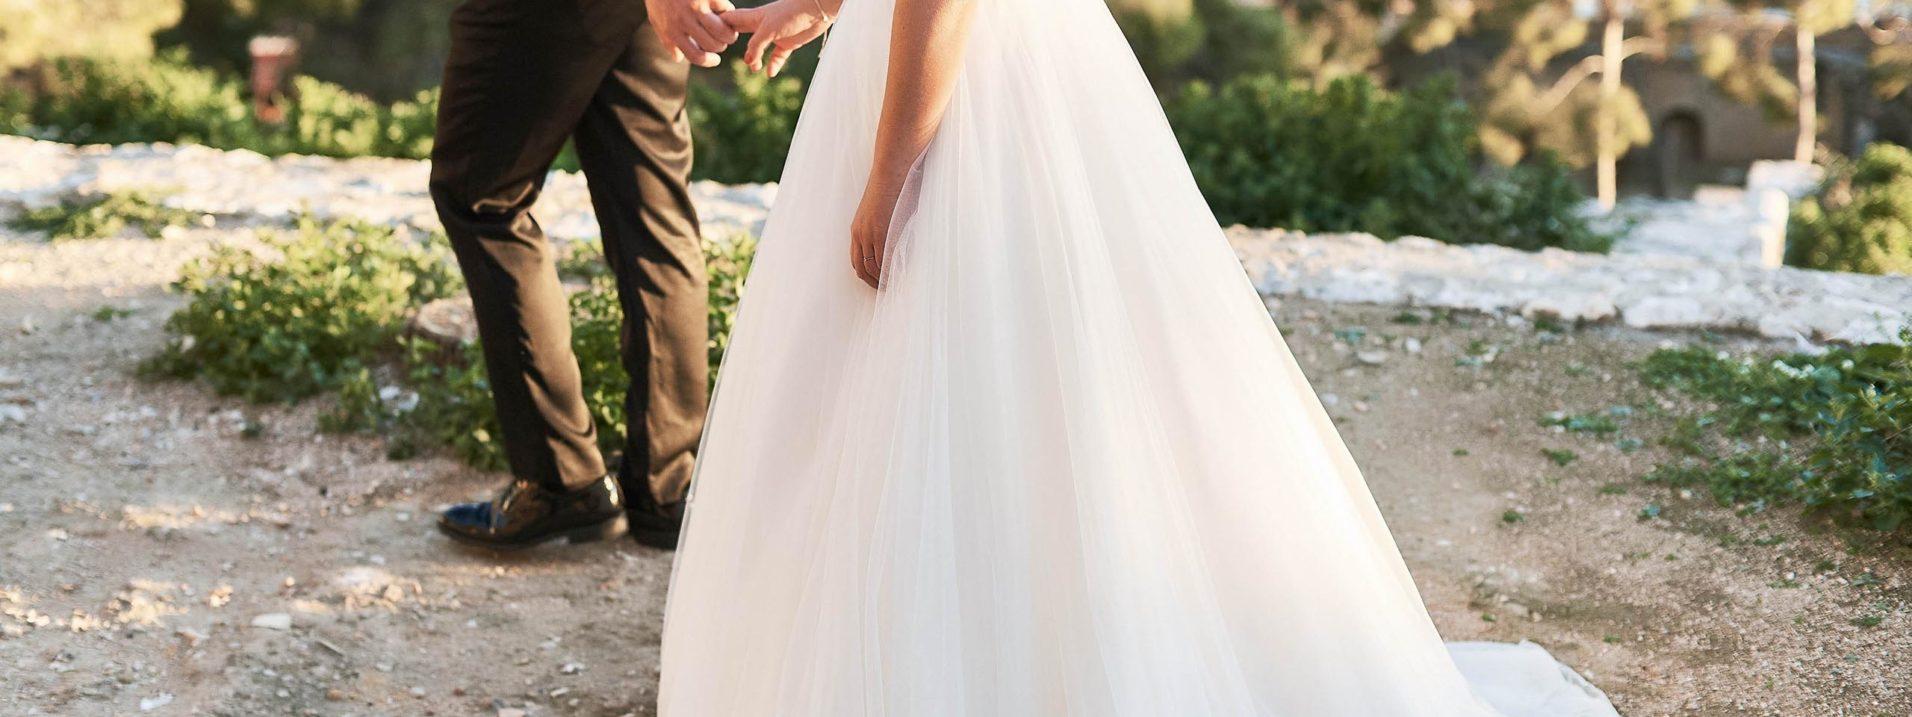 Las tendencias en vestidos de novia para 2020